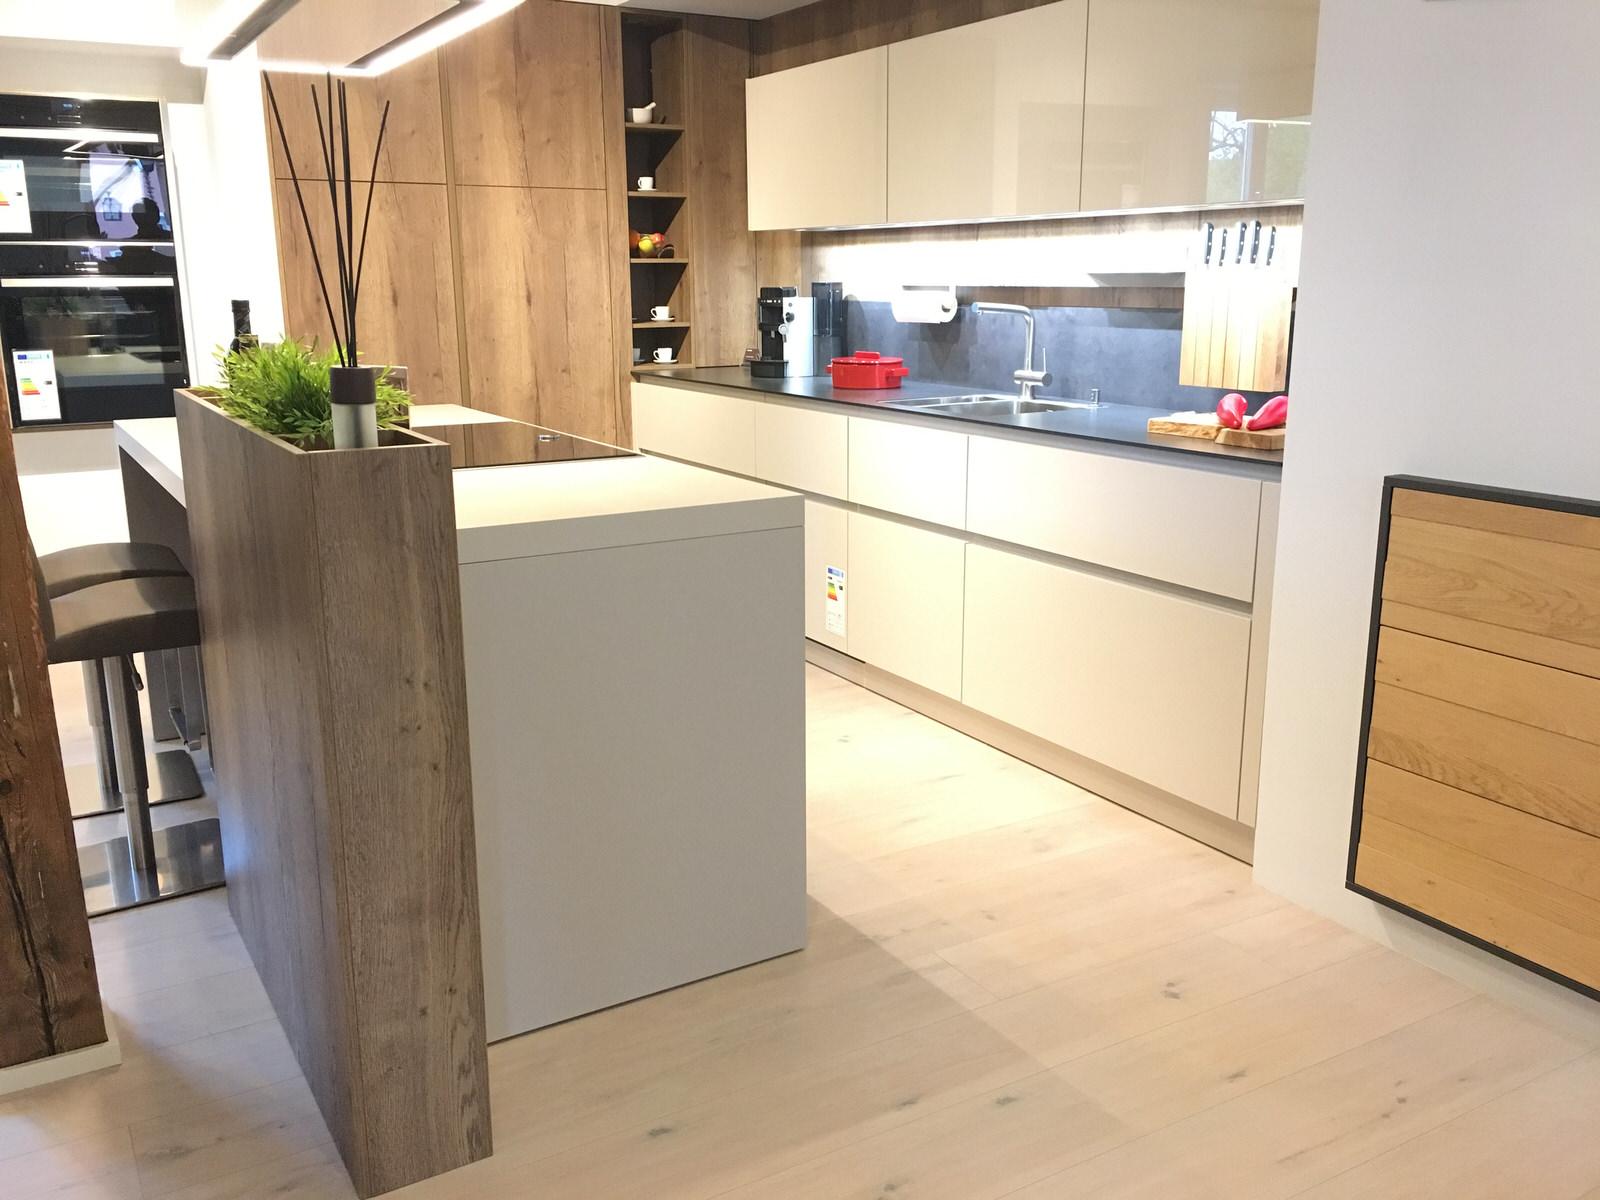 Designer küchen ausstellungsstücke  Küchen Ausstellungsstücke - Veigl Küchen Bayreuth - Das Küchenstudio